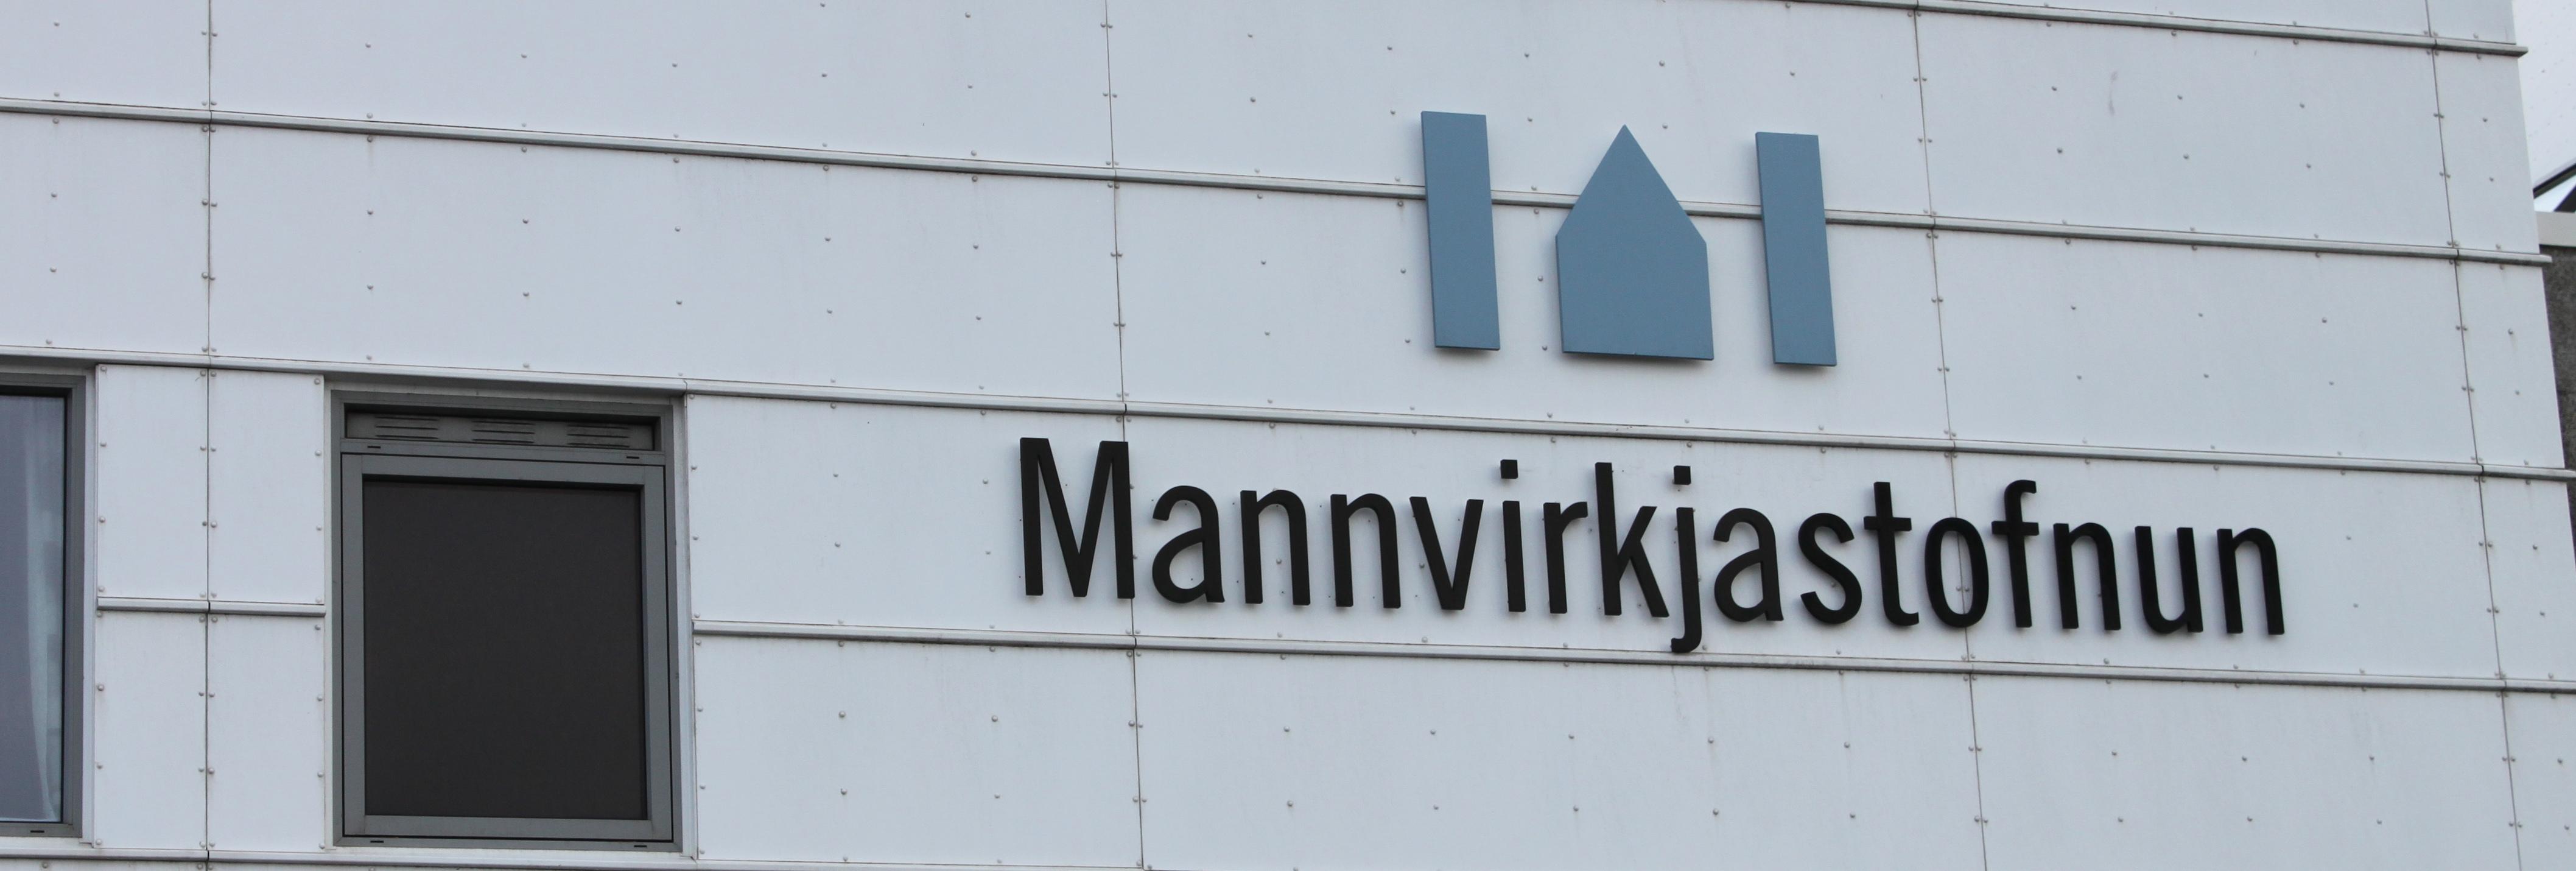 Bannað að byggja ódýrt og smátt